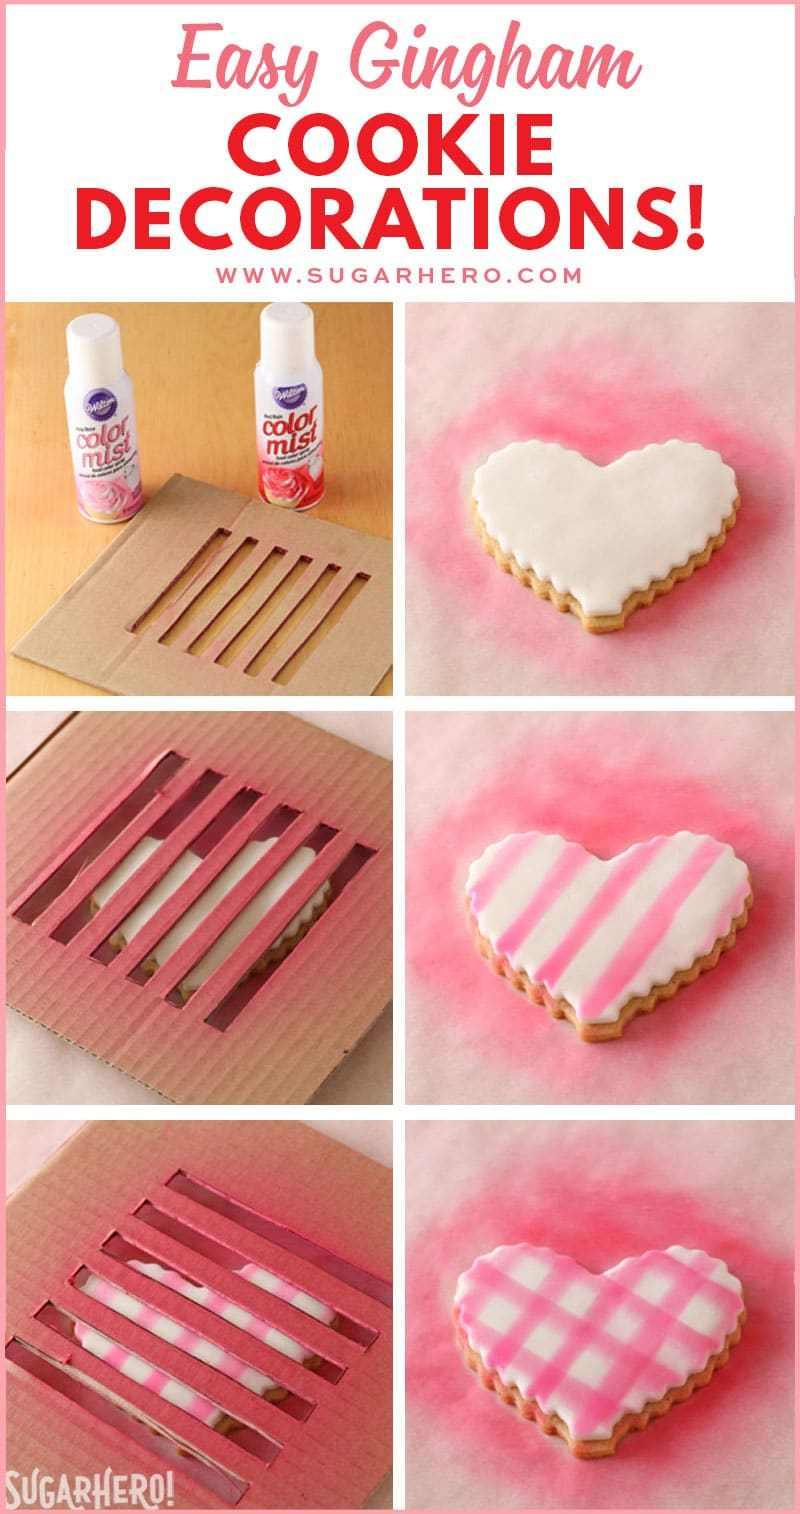 Brown Butter Heart Cookies - tutorial fotográfico que muestra cómo crear el patrón de guinga en fondant usando aerosoles de niebla de color | De SugarHero.com